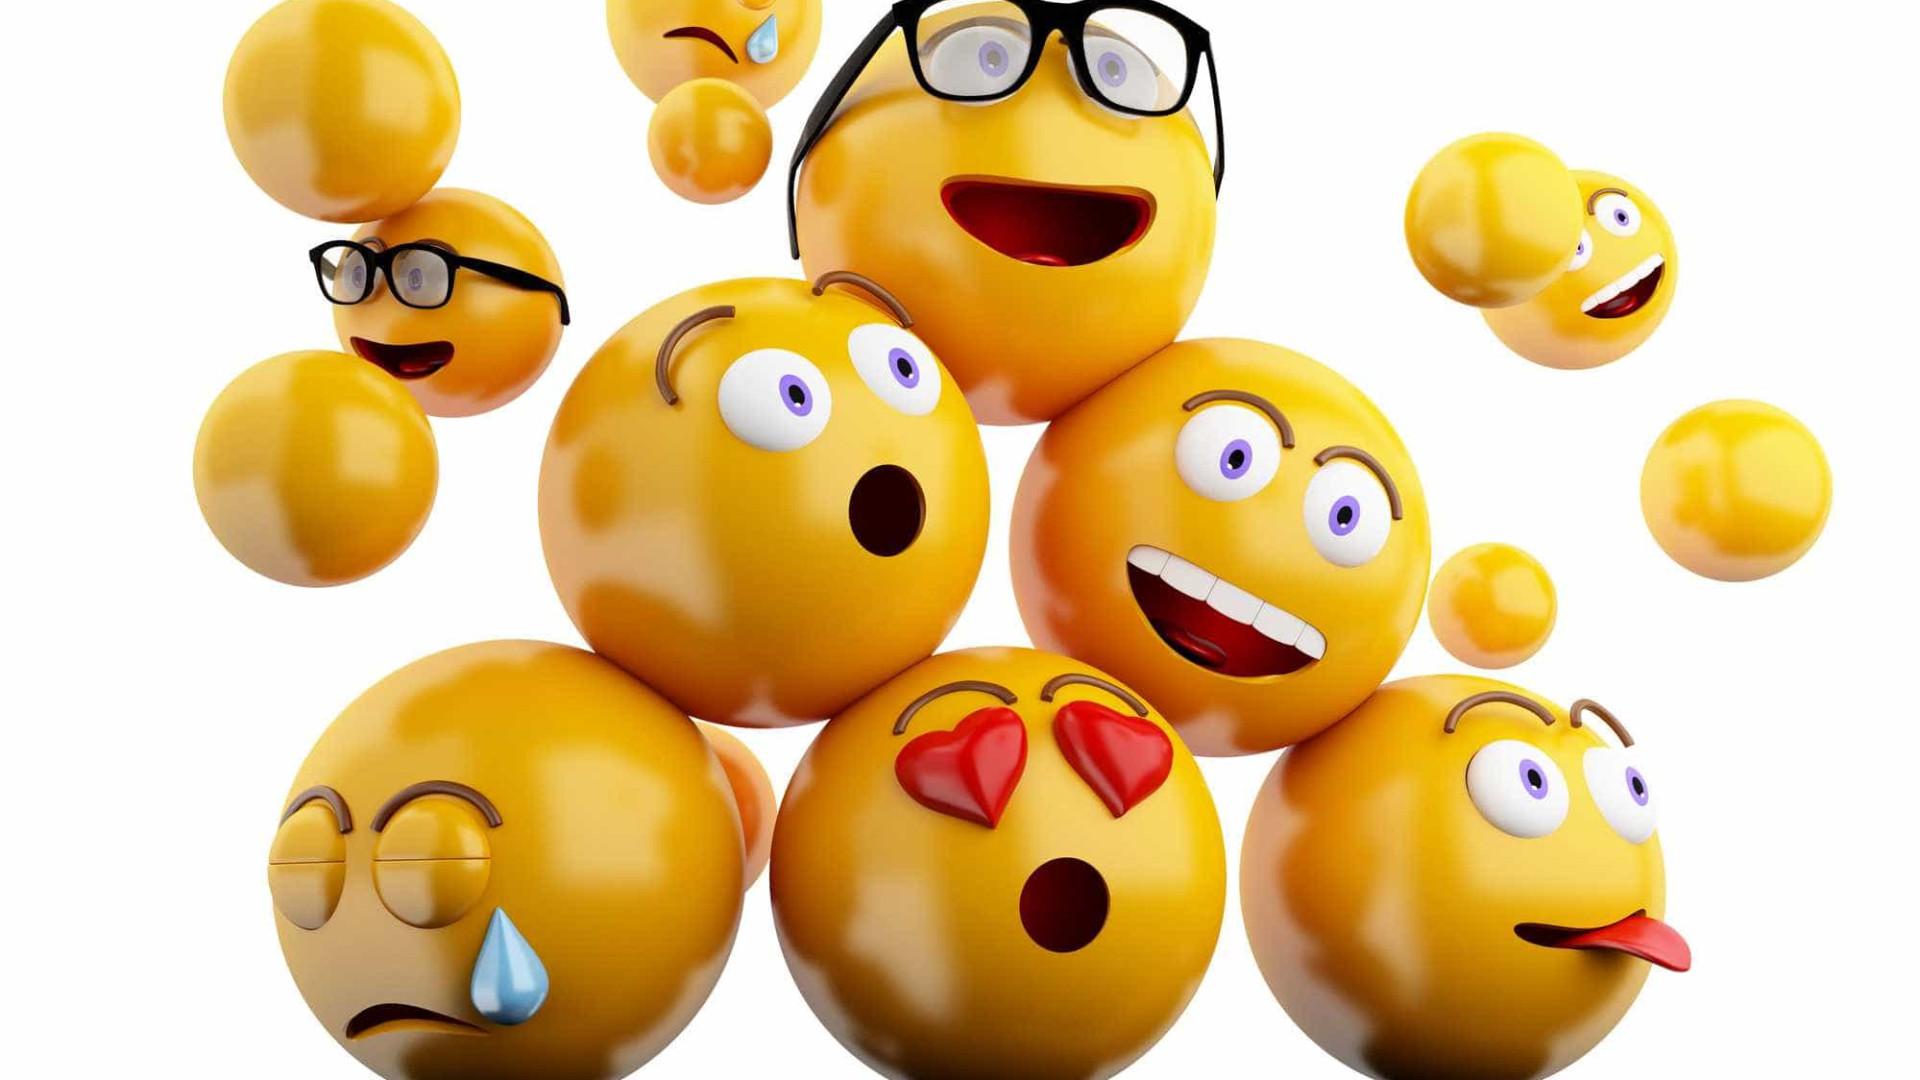 Hoje é Dia Mundial do Emoji e o Facebook diz-lhe quais são os mais usados